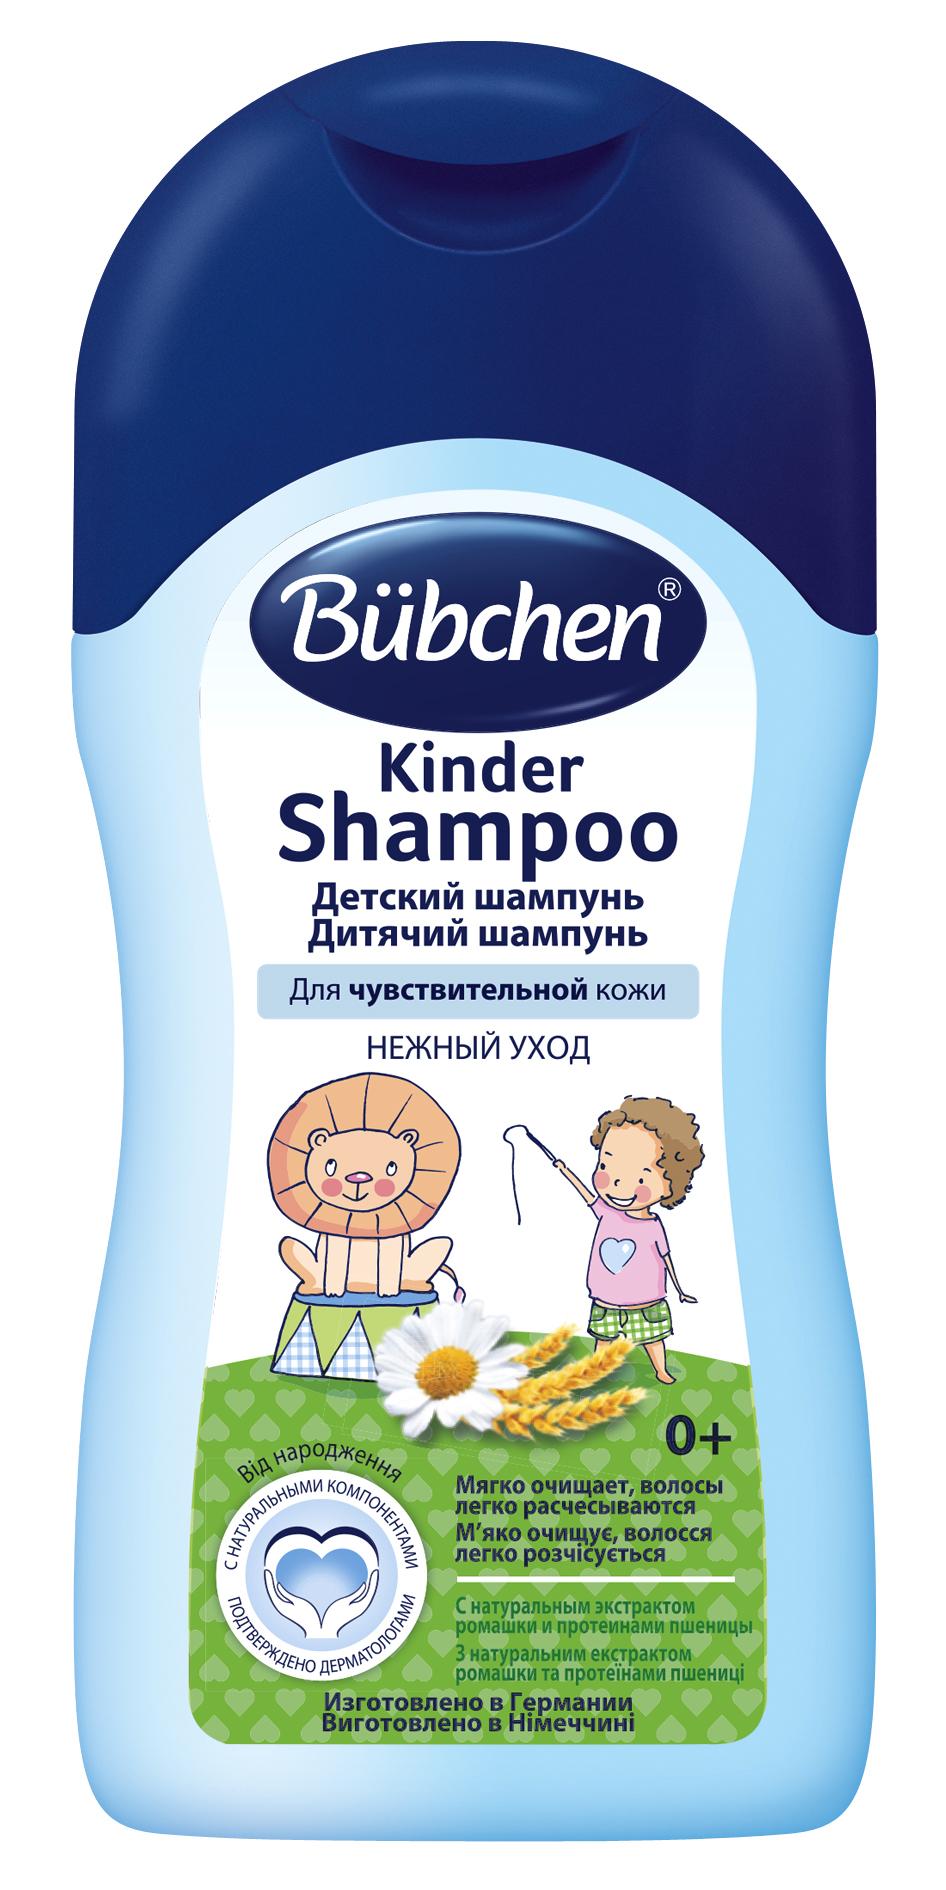 BU1 Шампунь детский 400 мл